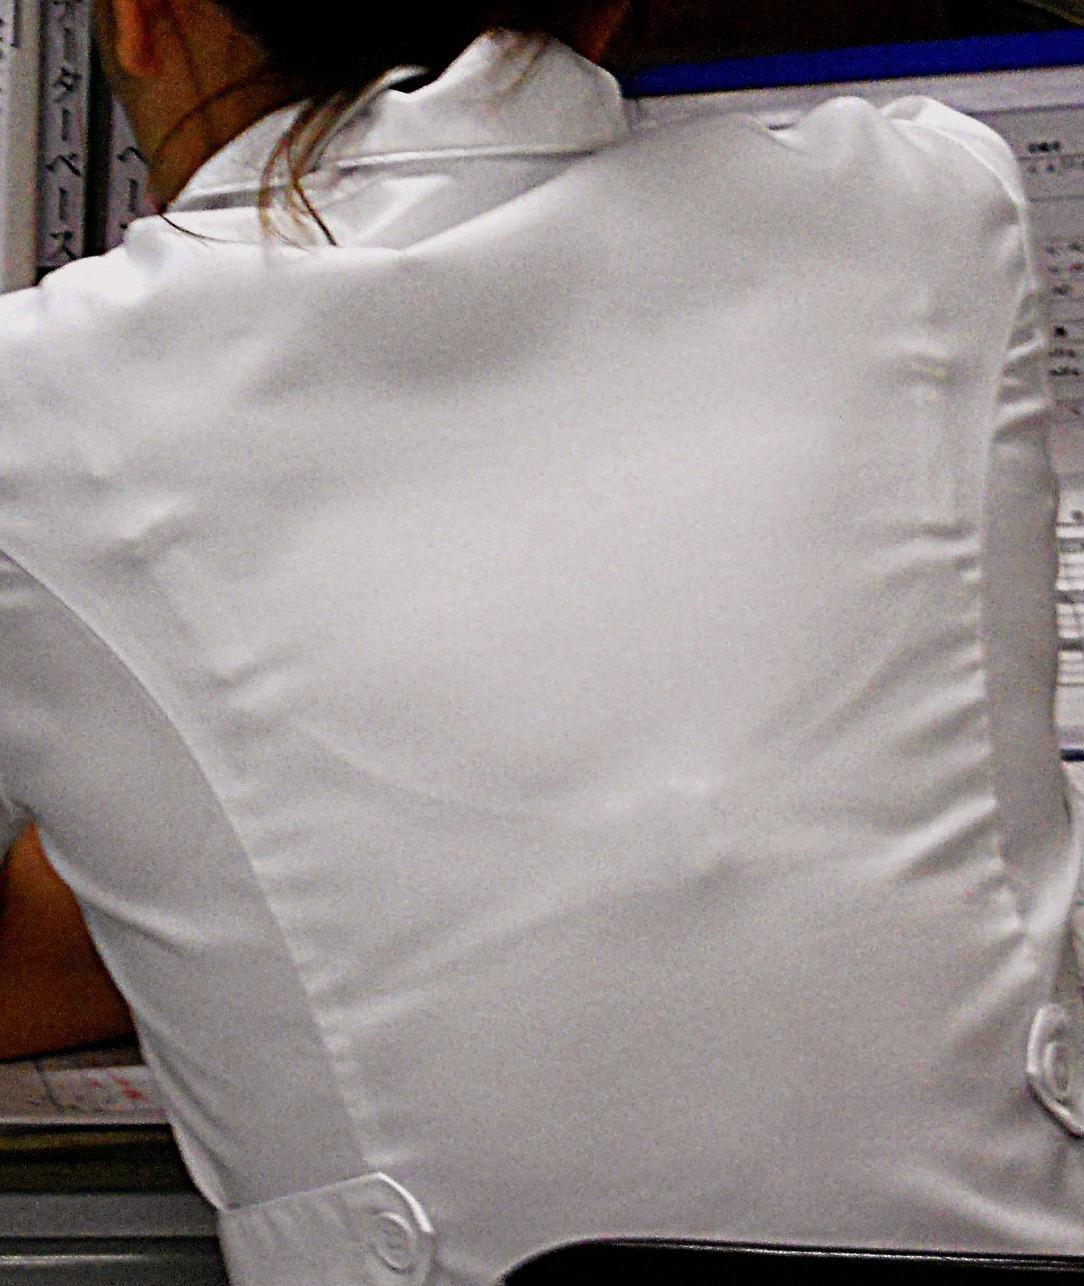 【働く女性のエロ画像】清潔な白ブラウスにそこはかとない卑猥さを感じるギャラリー 12